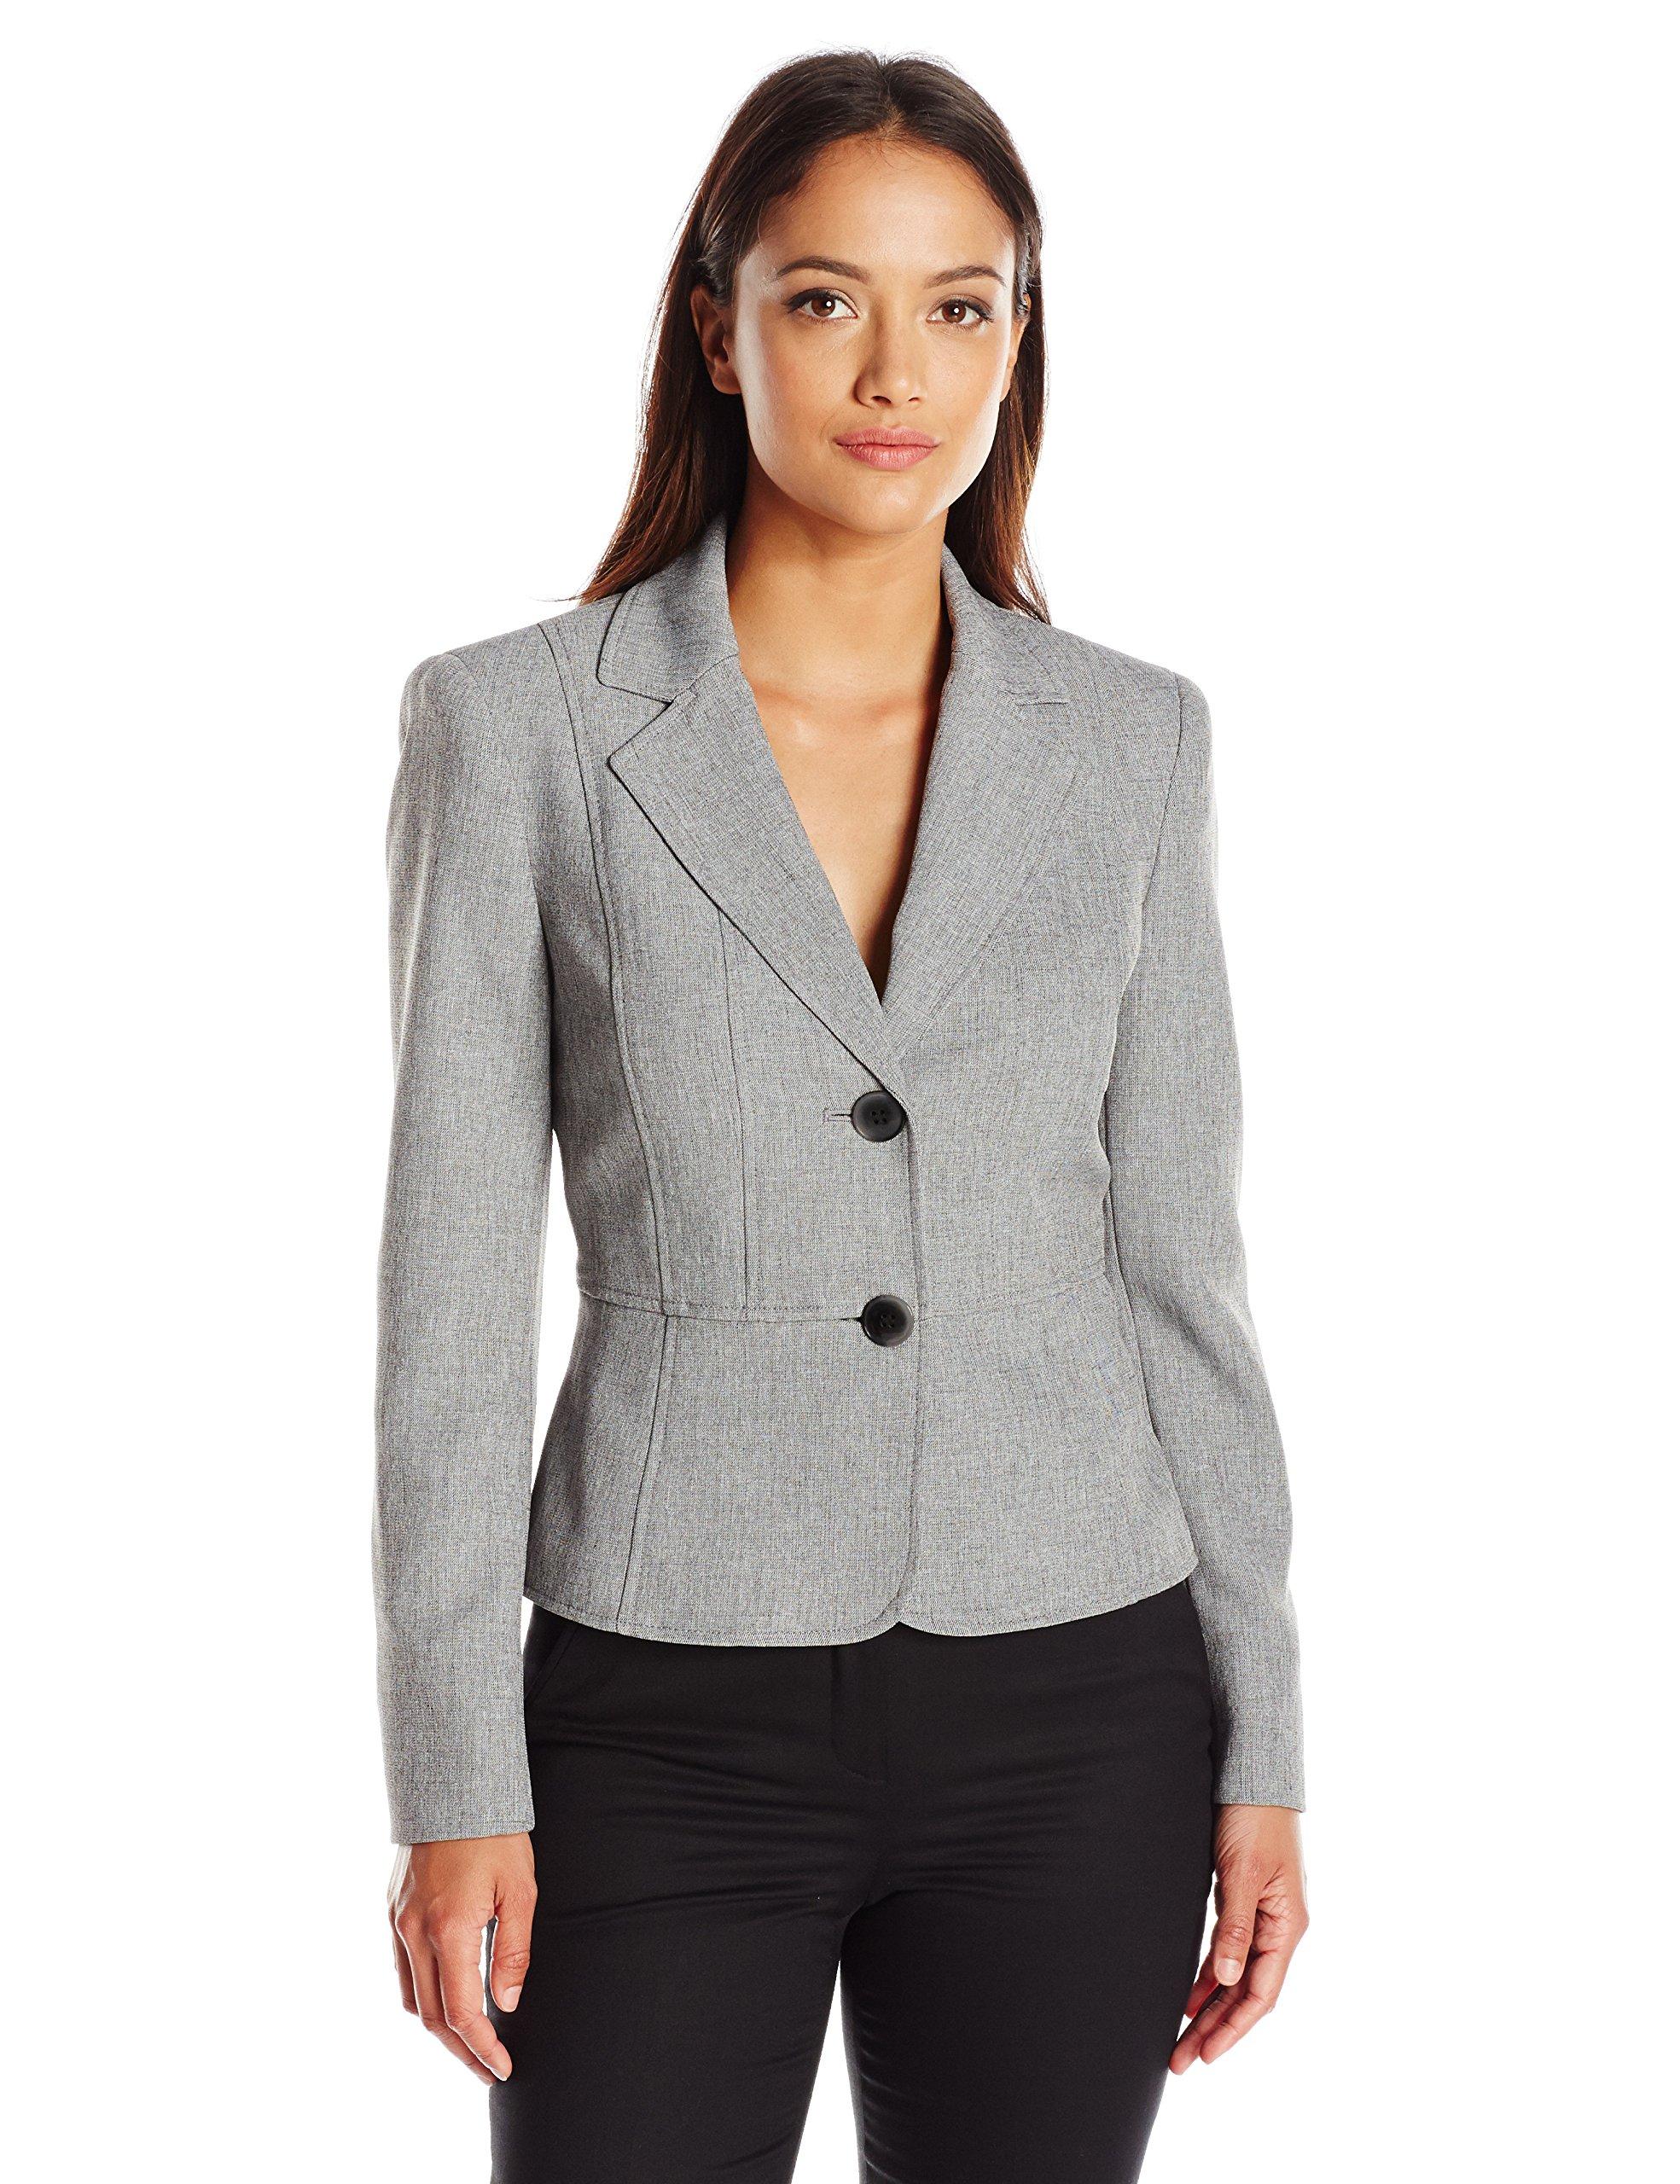 Kasper Women's Petite Size 2 Button Jacket, Grey/Black 6